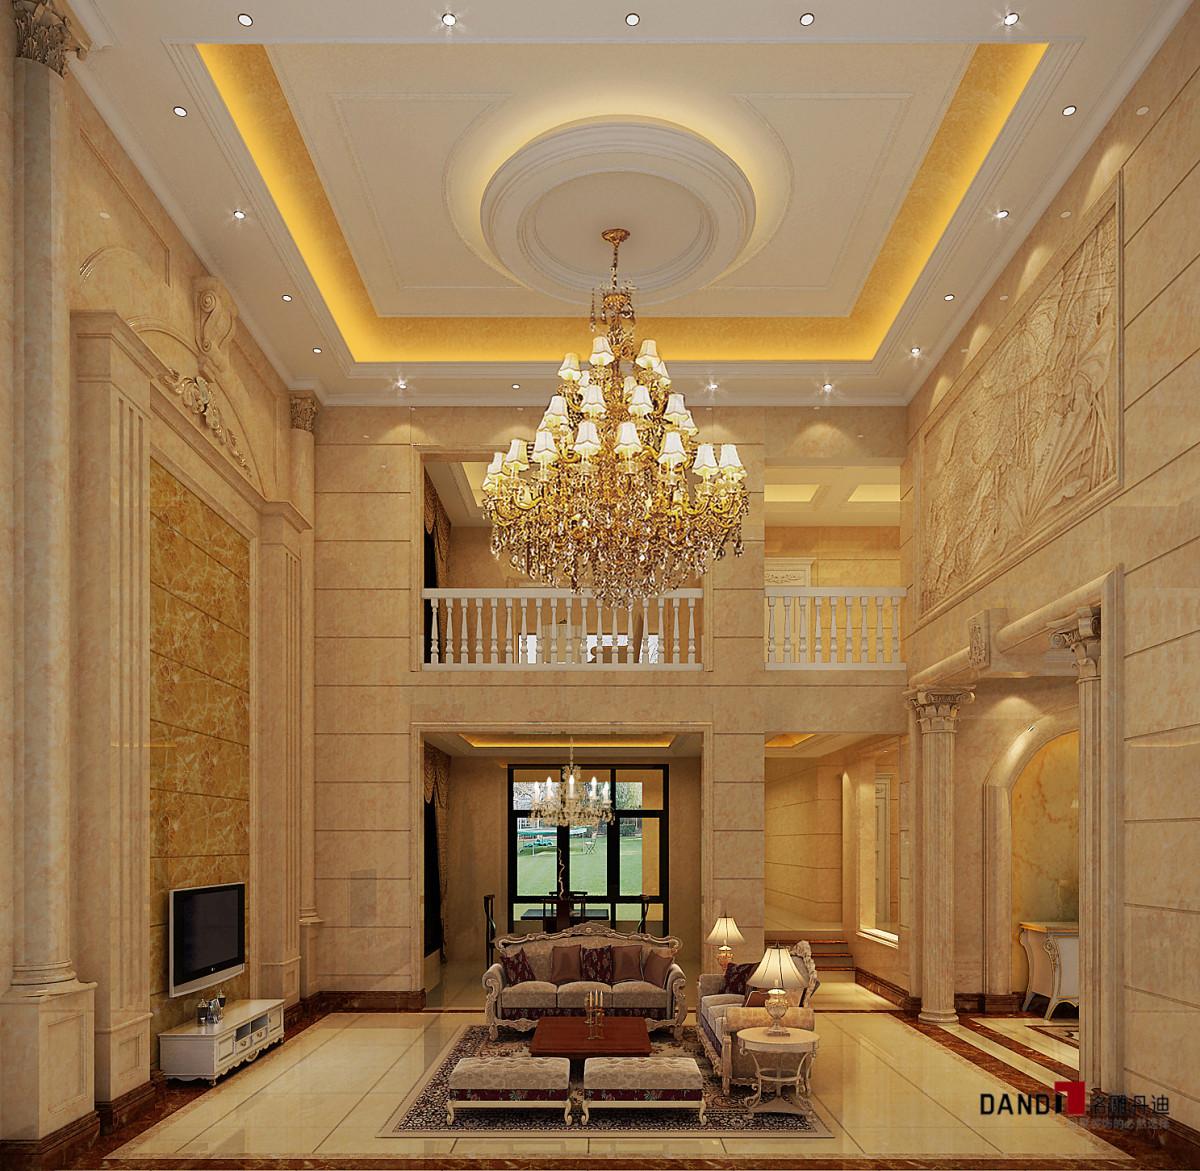 雕丹迪设计-葡萄庄园别墅-欧式风格客厅:在空间装修上大量使用大理石